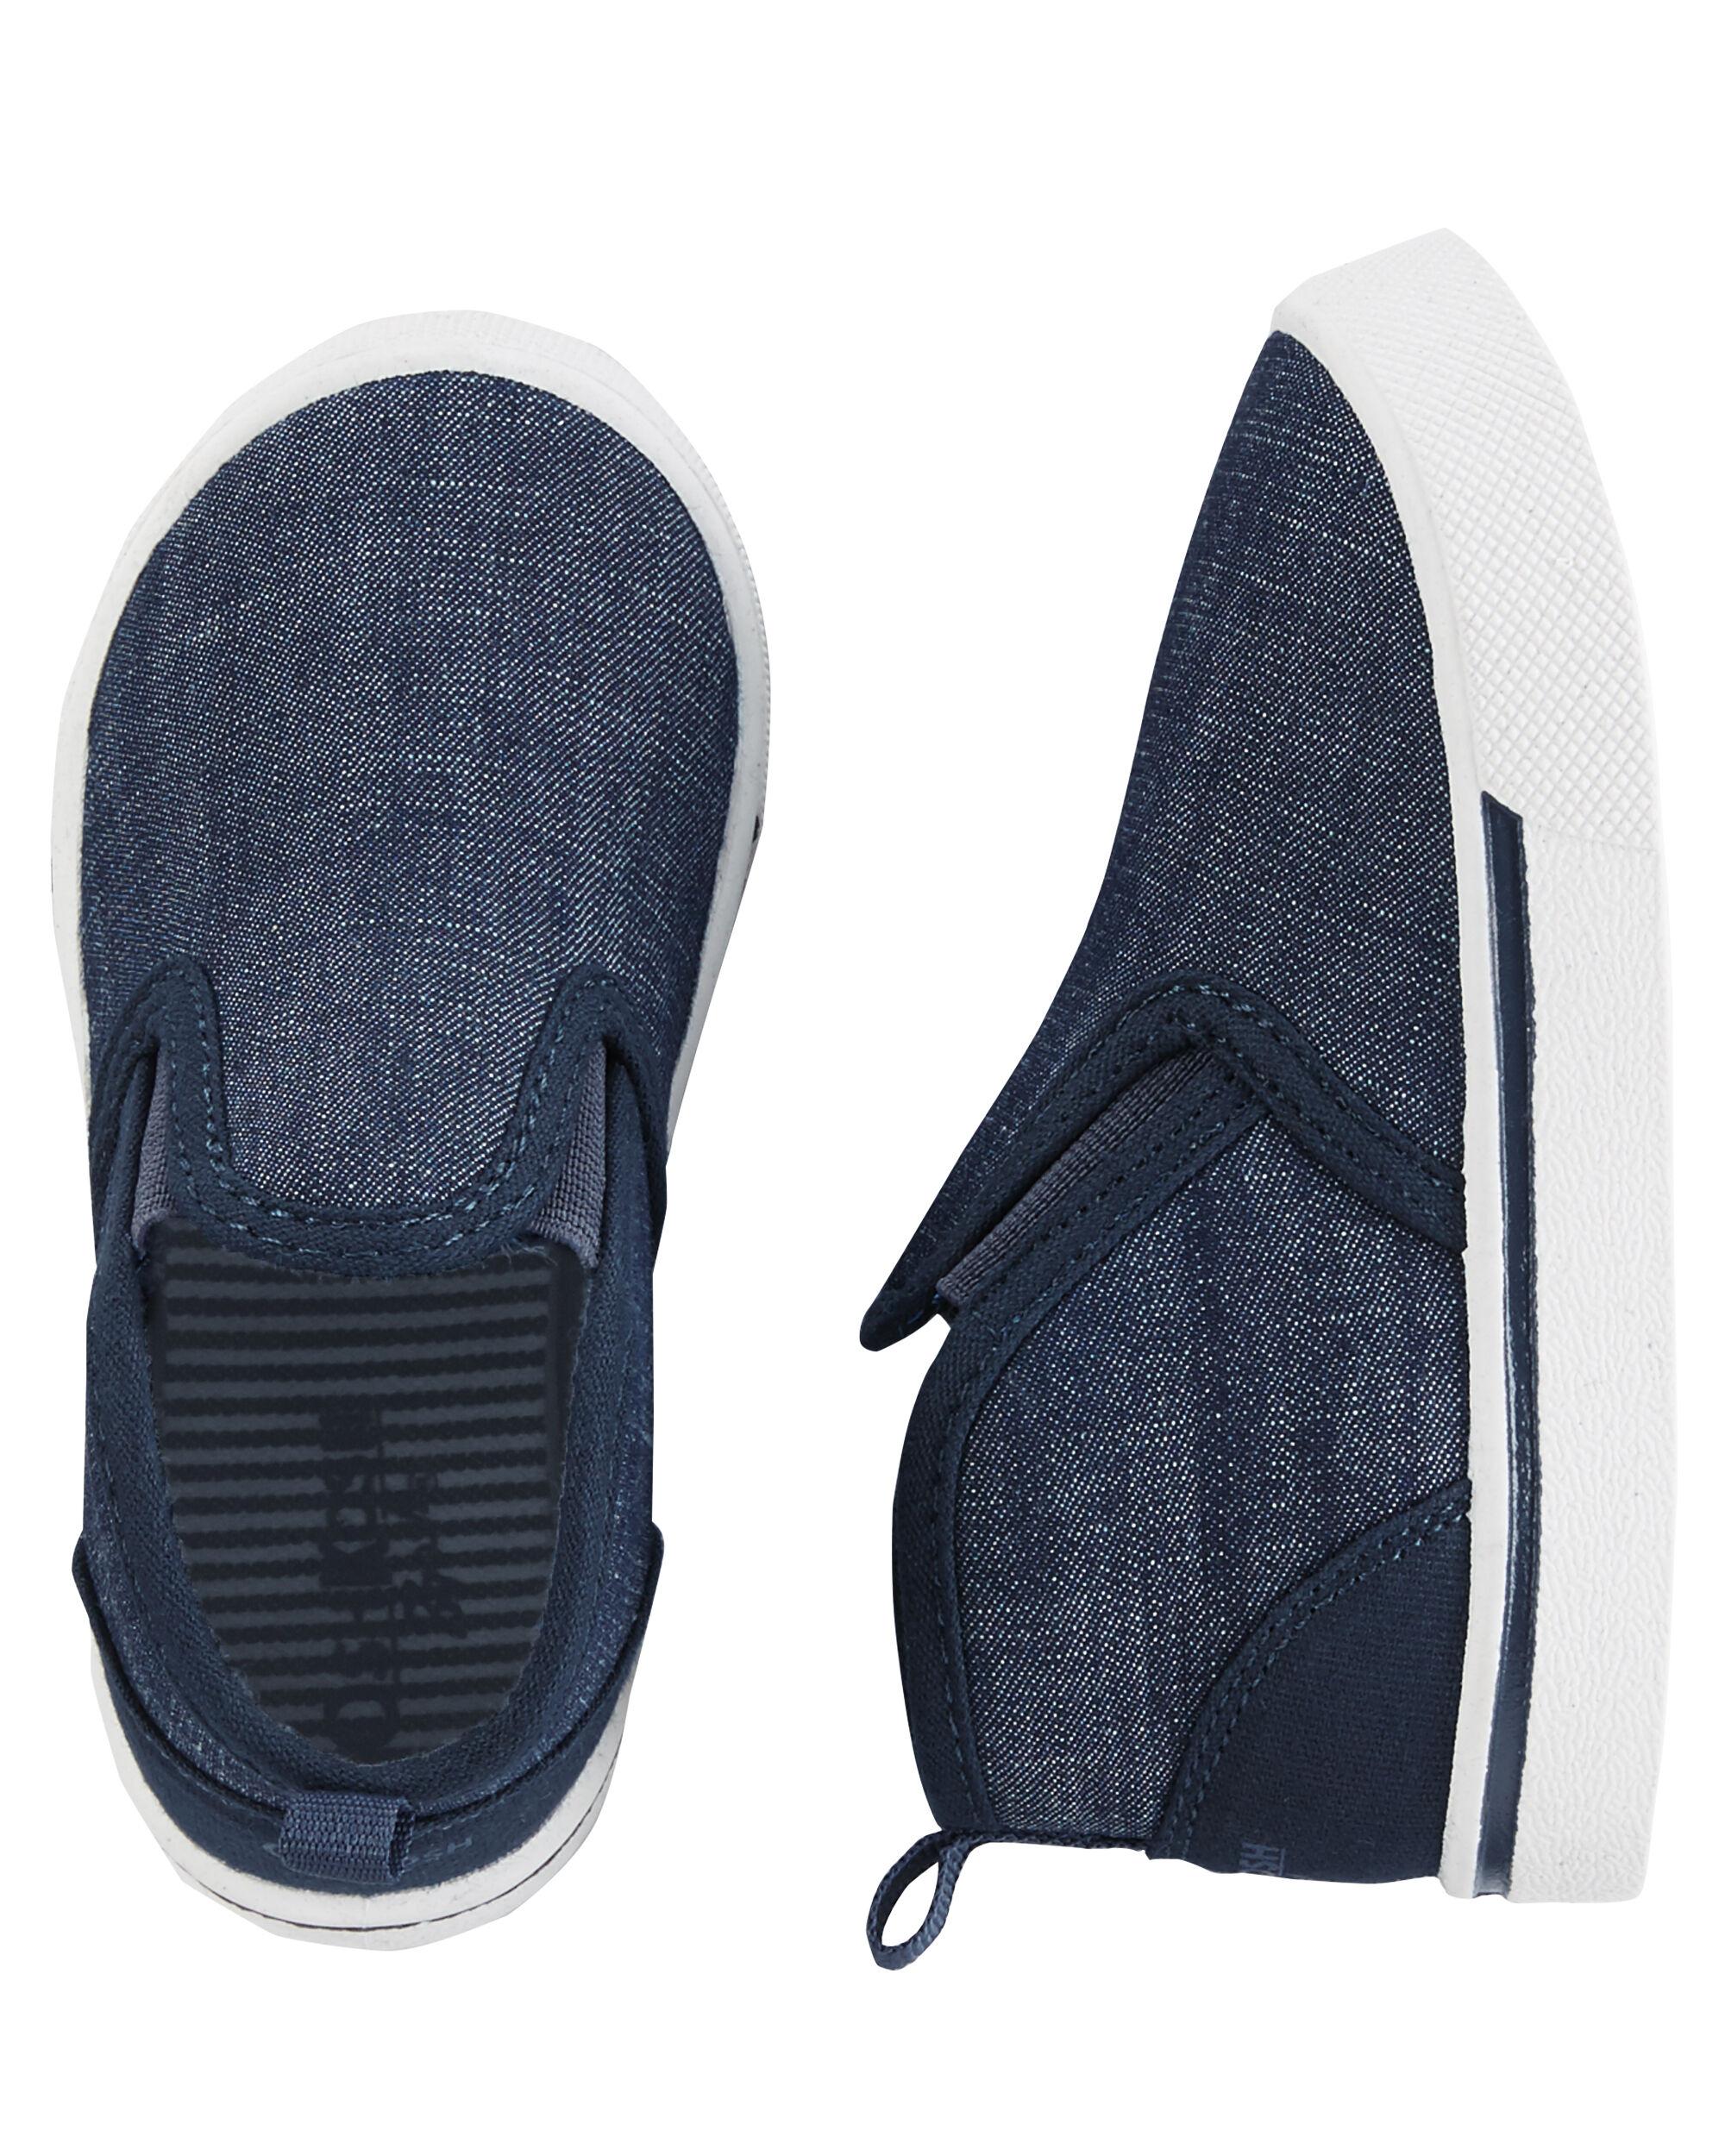 Boys Shoes Oshkosh Free Shipping